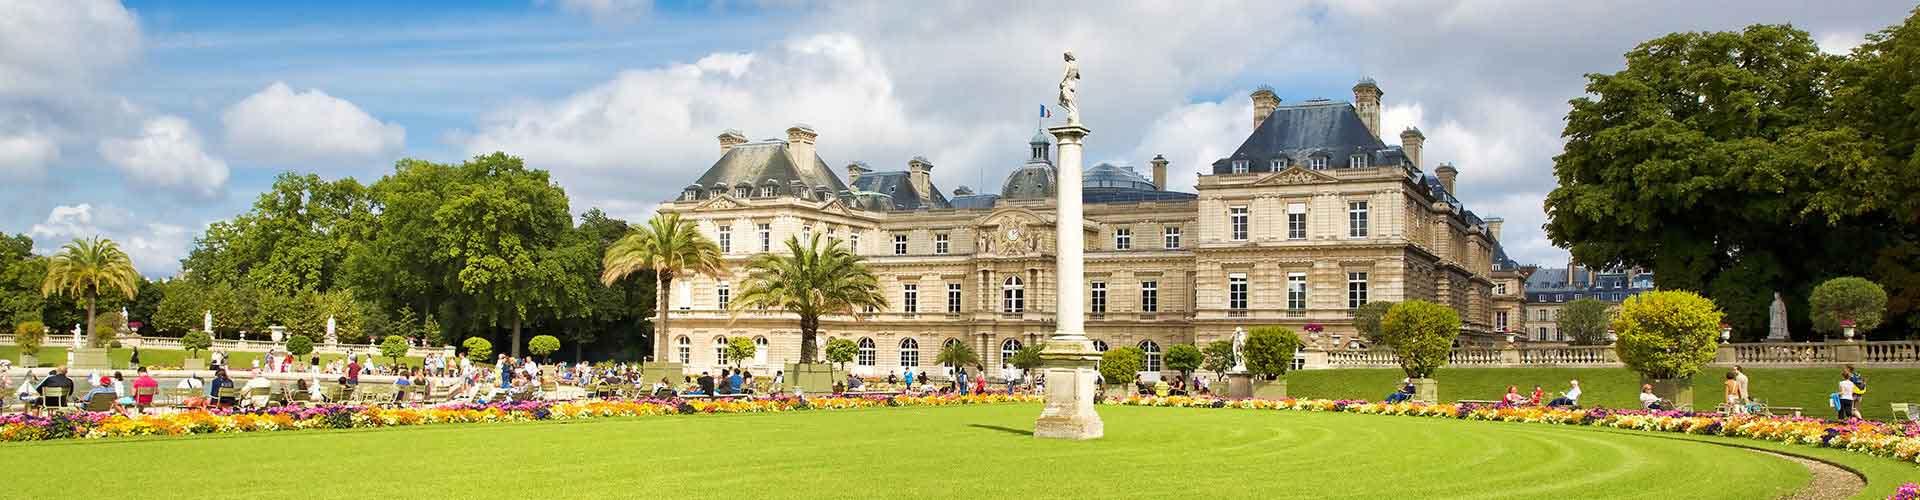 Pariisi – Hostellit lähellä Jardin du Luxembourg. Pariisi -karttoja, valokuvia ja arvosteluja kaikista Pariisi -hostelleista.